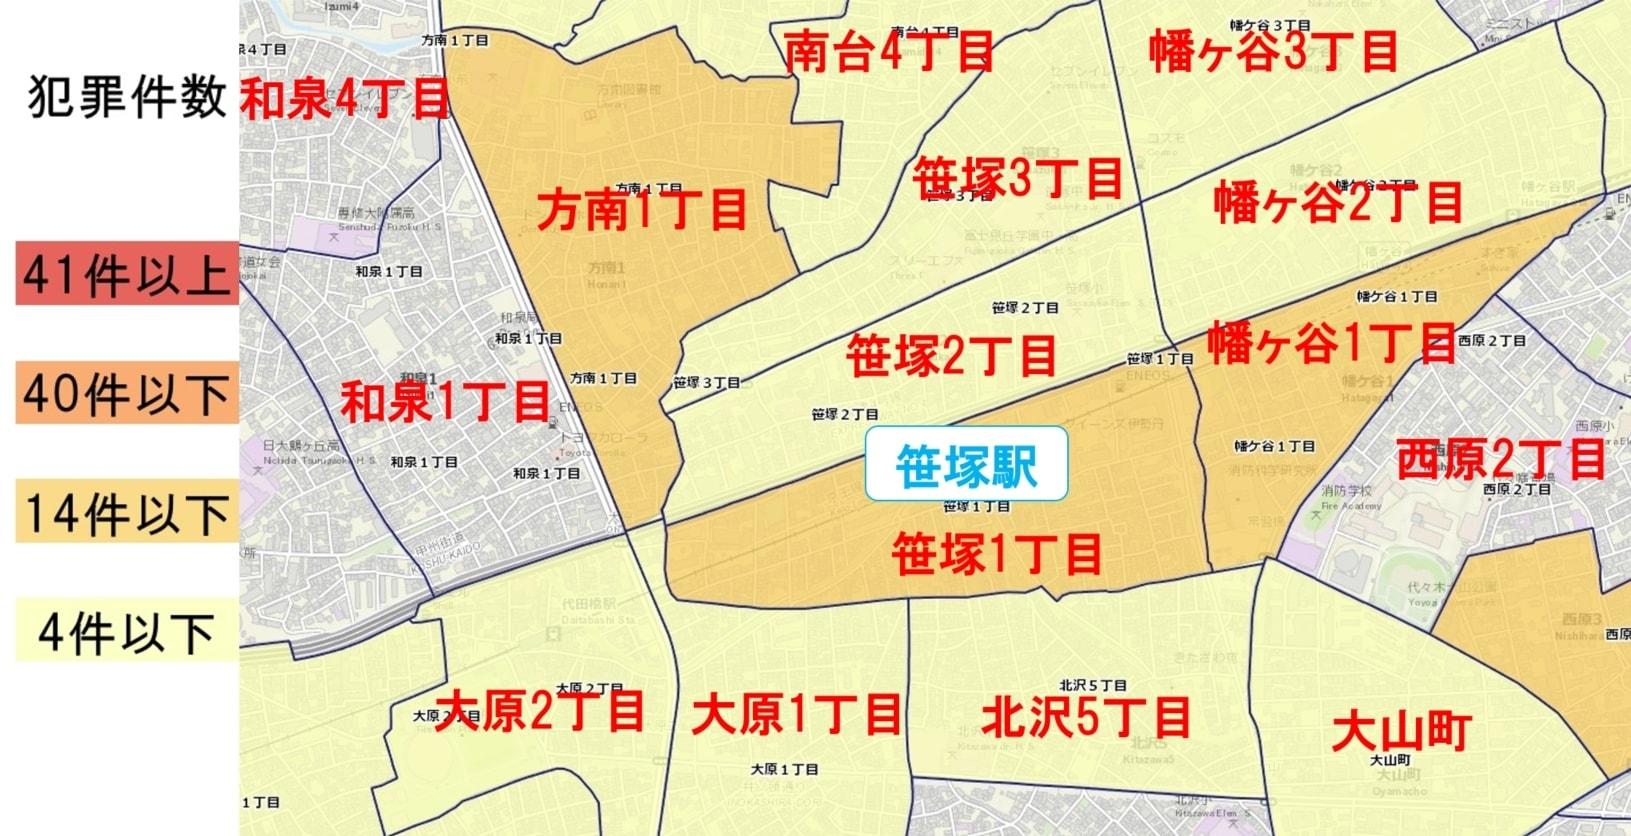 笹塚駅周辺の粗暴犯の犯罪件数マップ